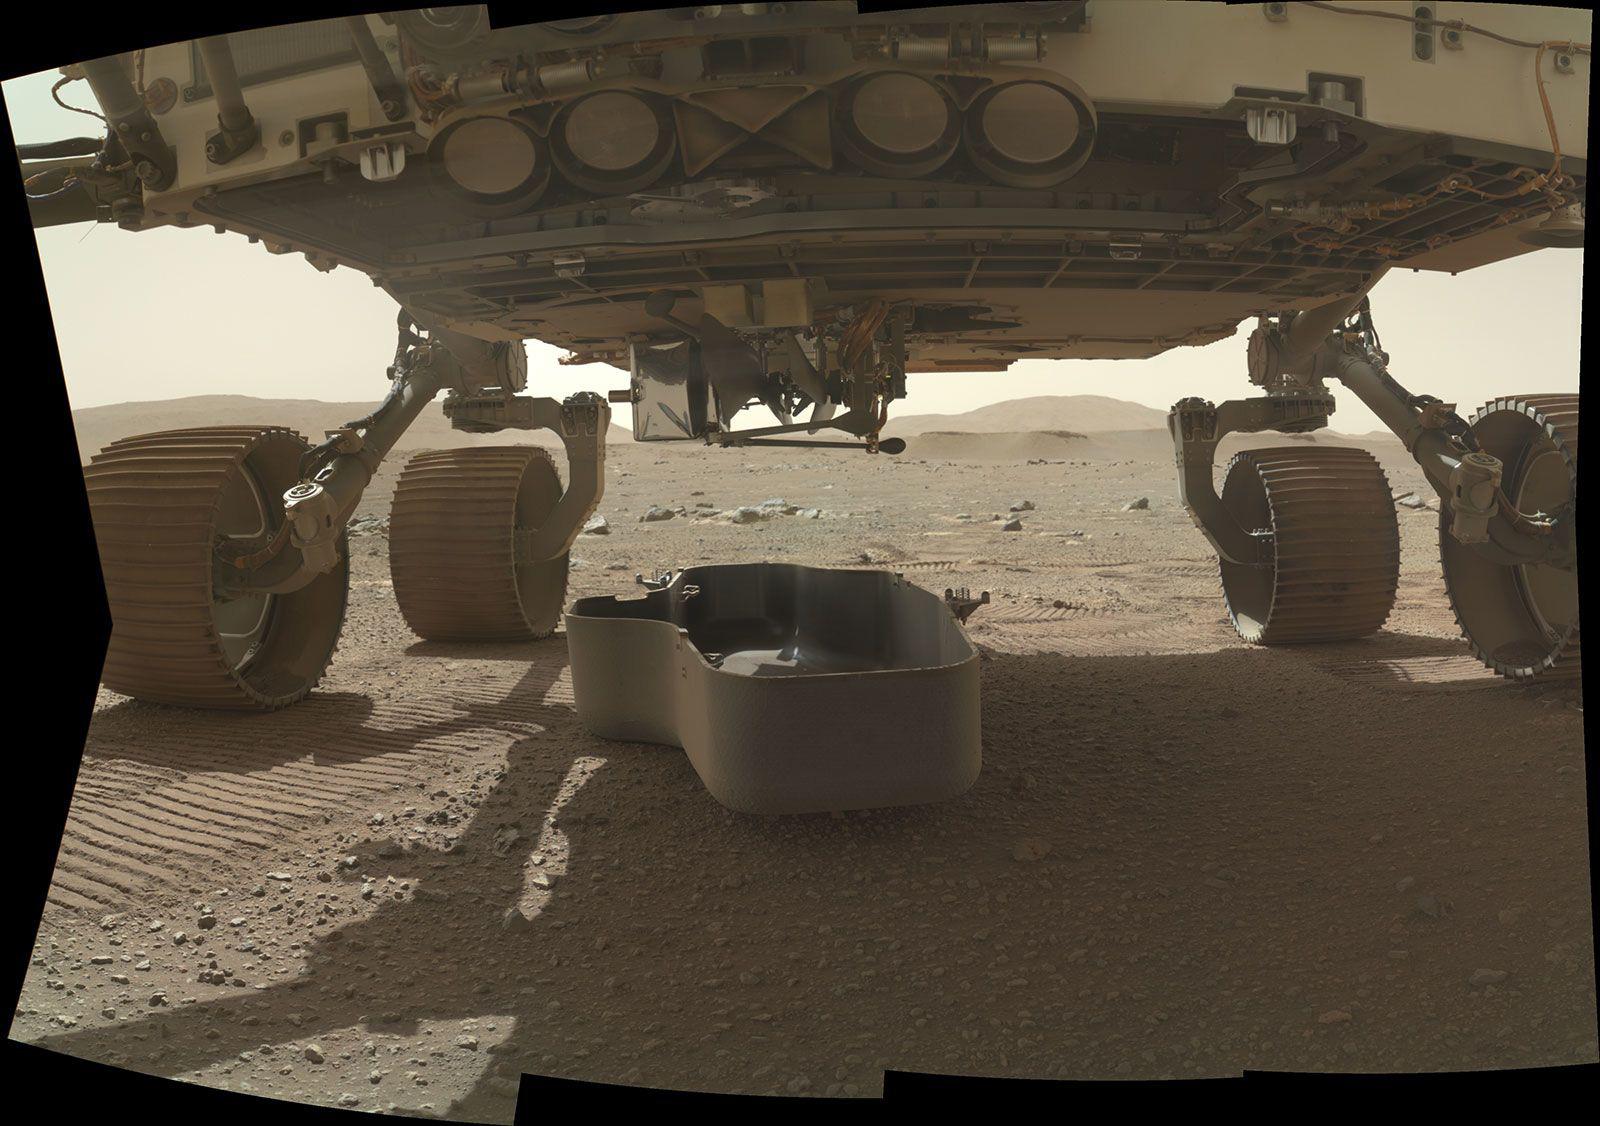 NASA công bố những hình ảnh mới nhất tại sao Hỏa - Ảnh 5.